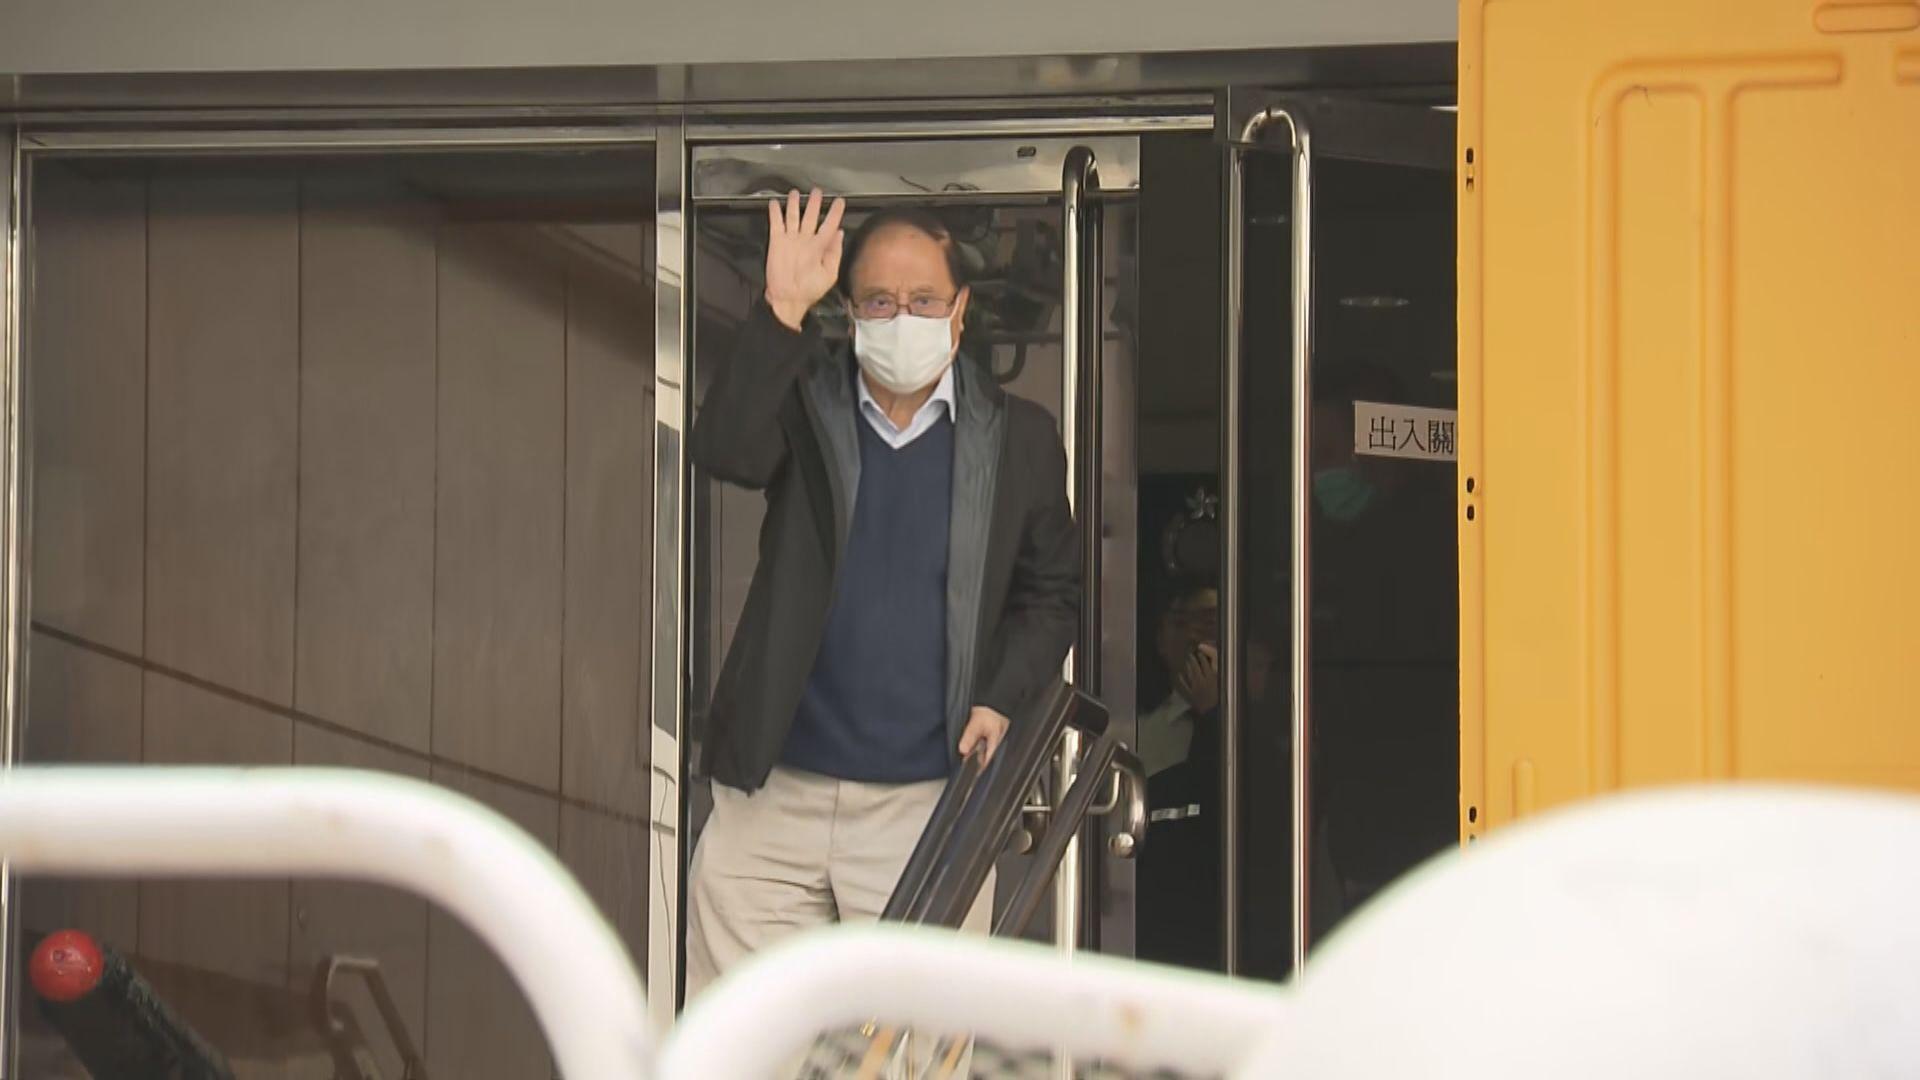 楊森等人涉831非法集結 他稱屬政治檢控